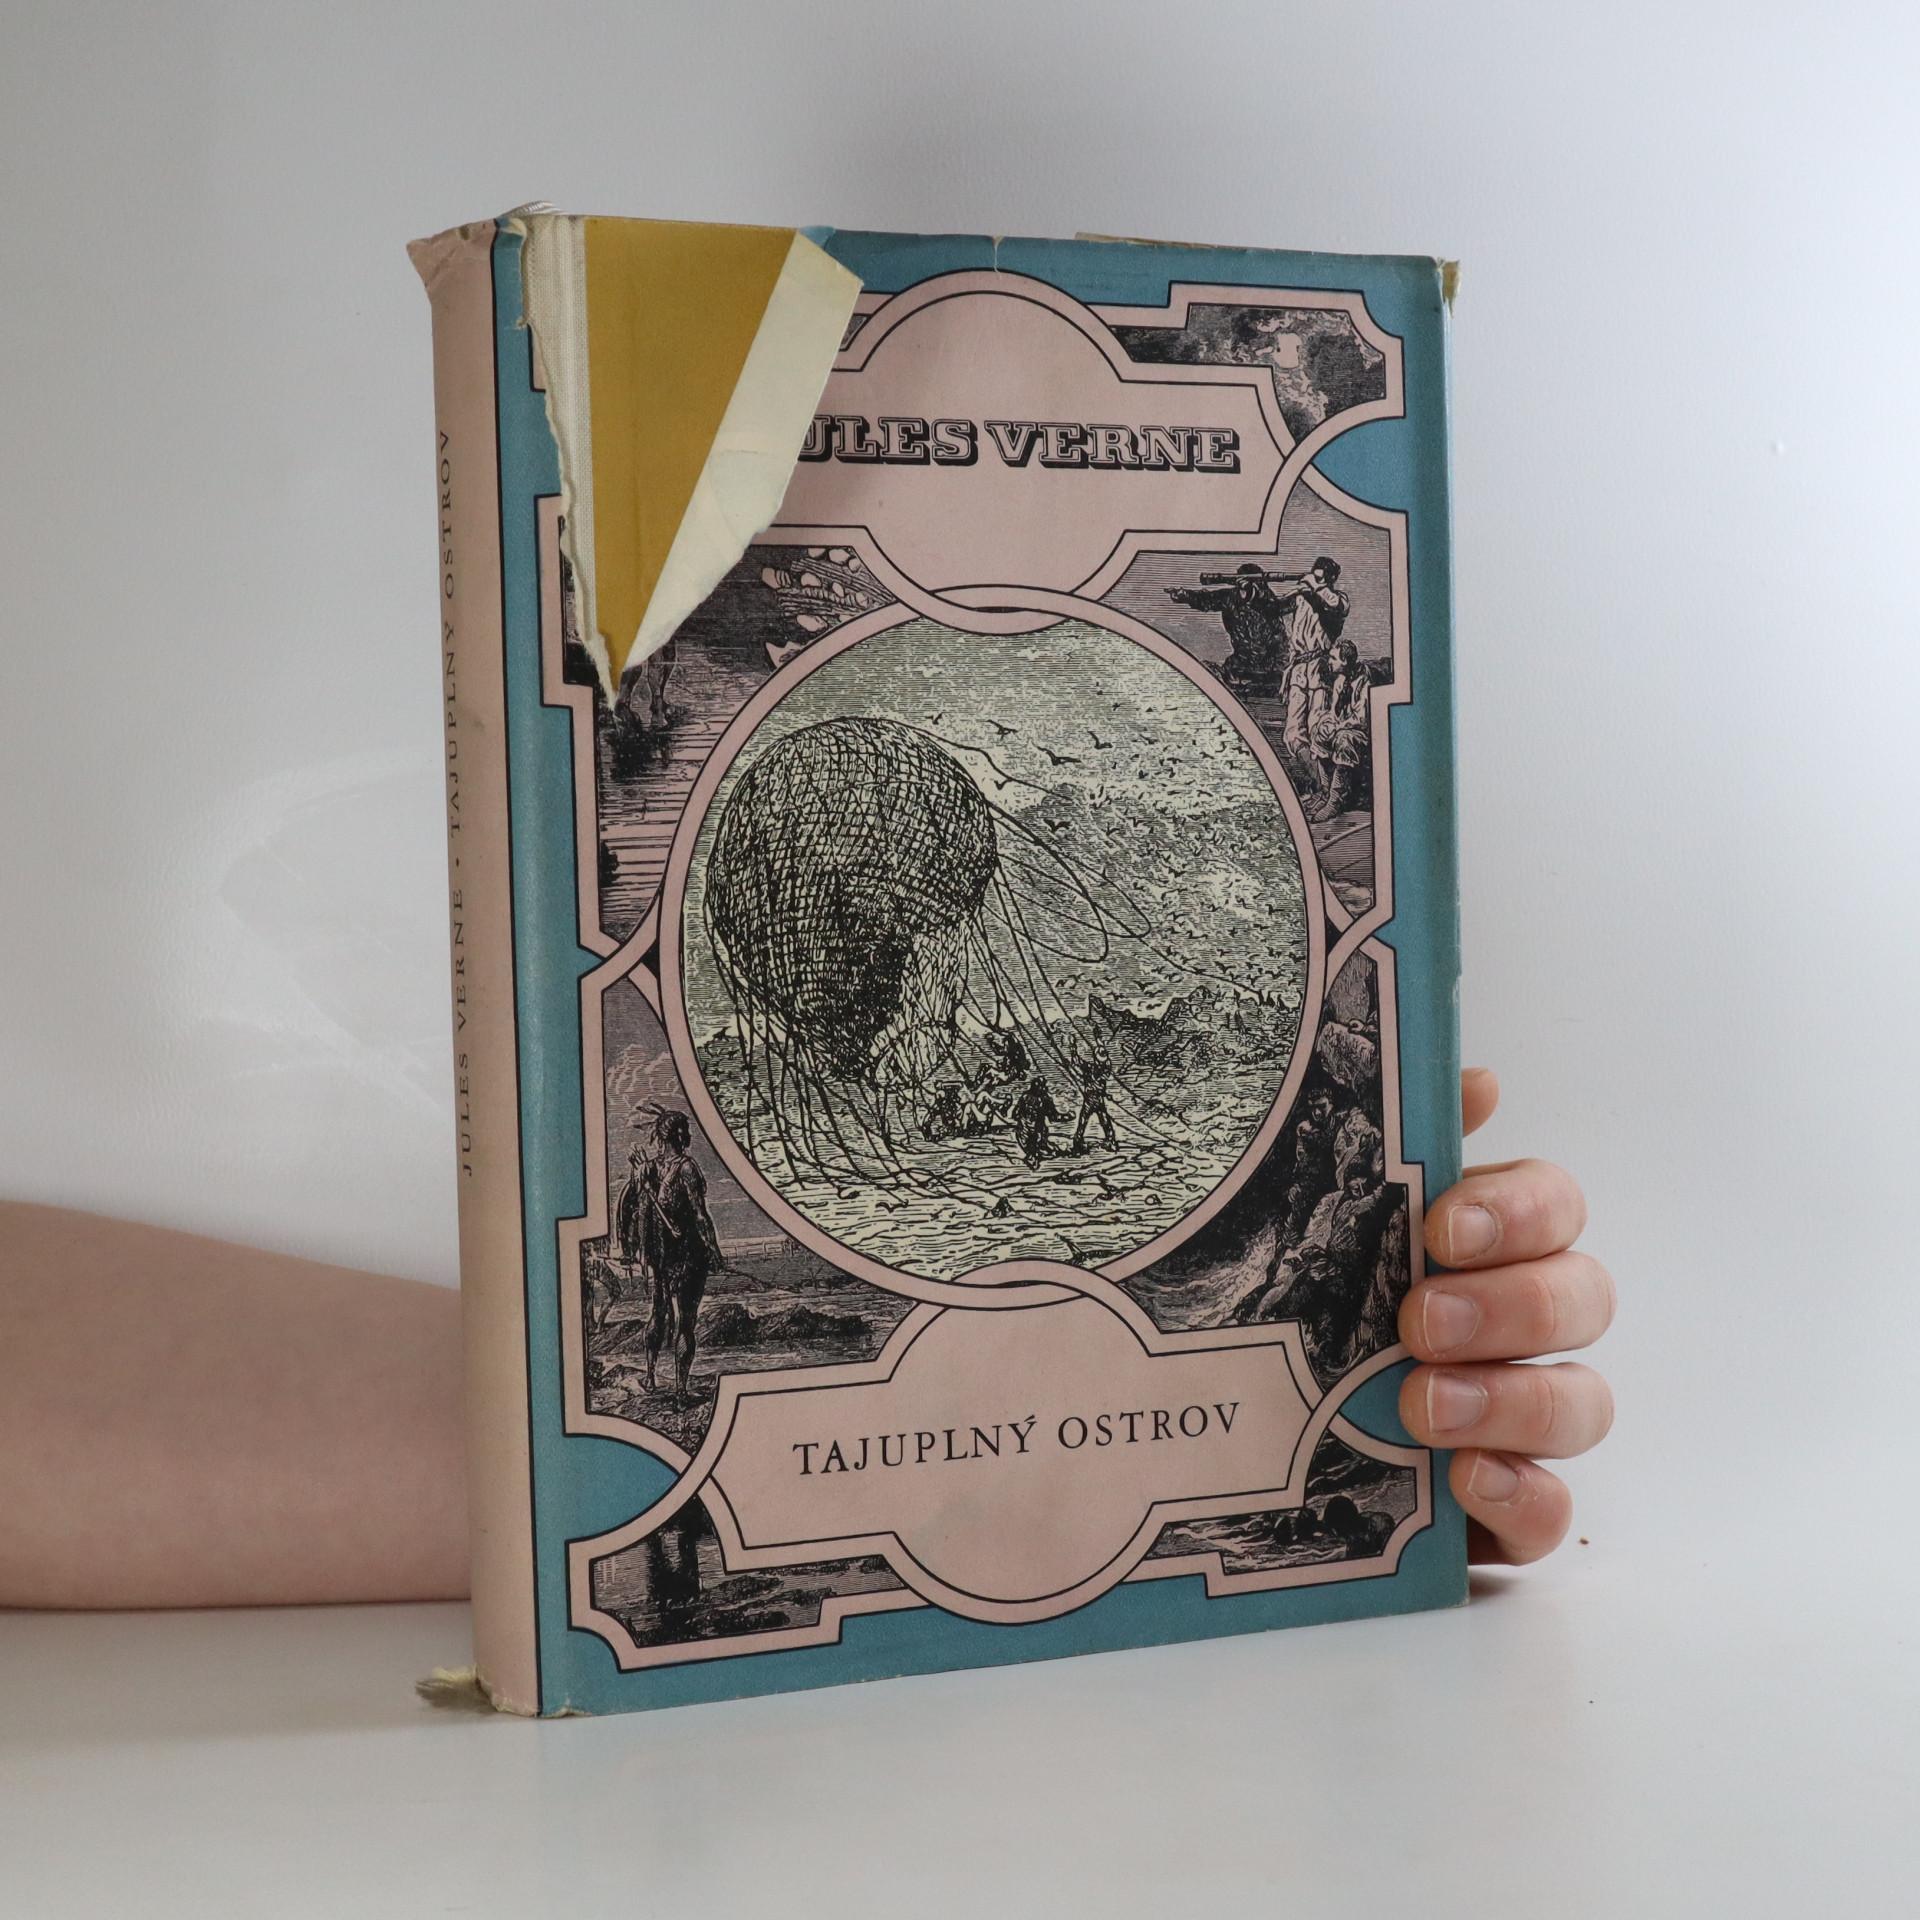 antikvární kniha Tajuplný ostrov, 1957